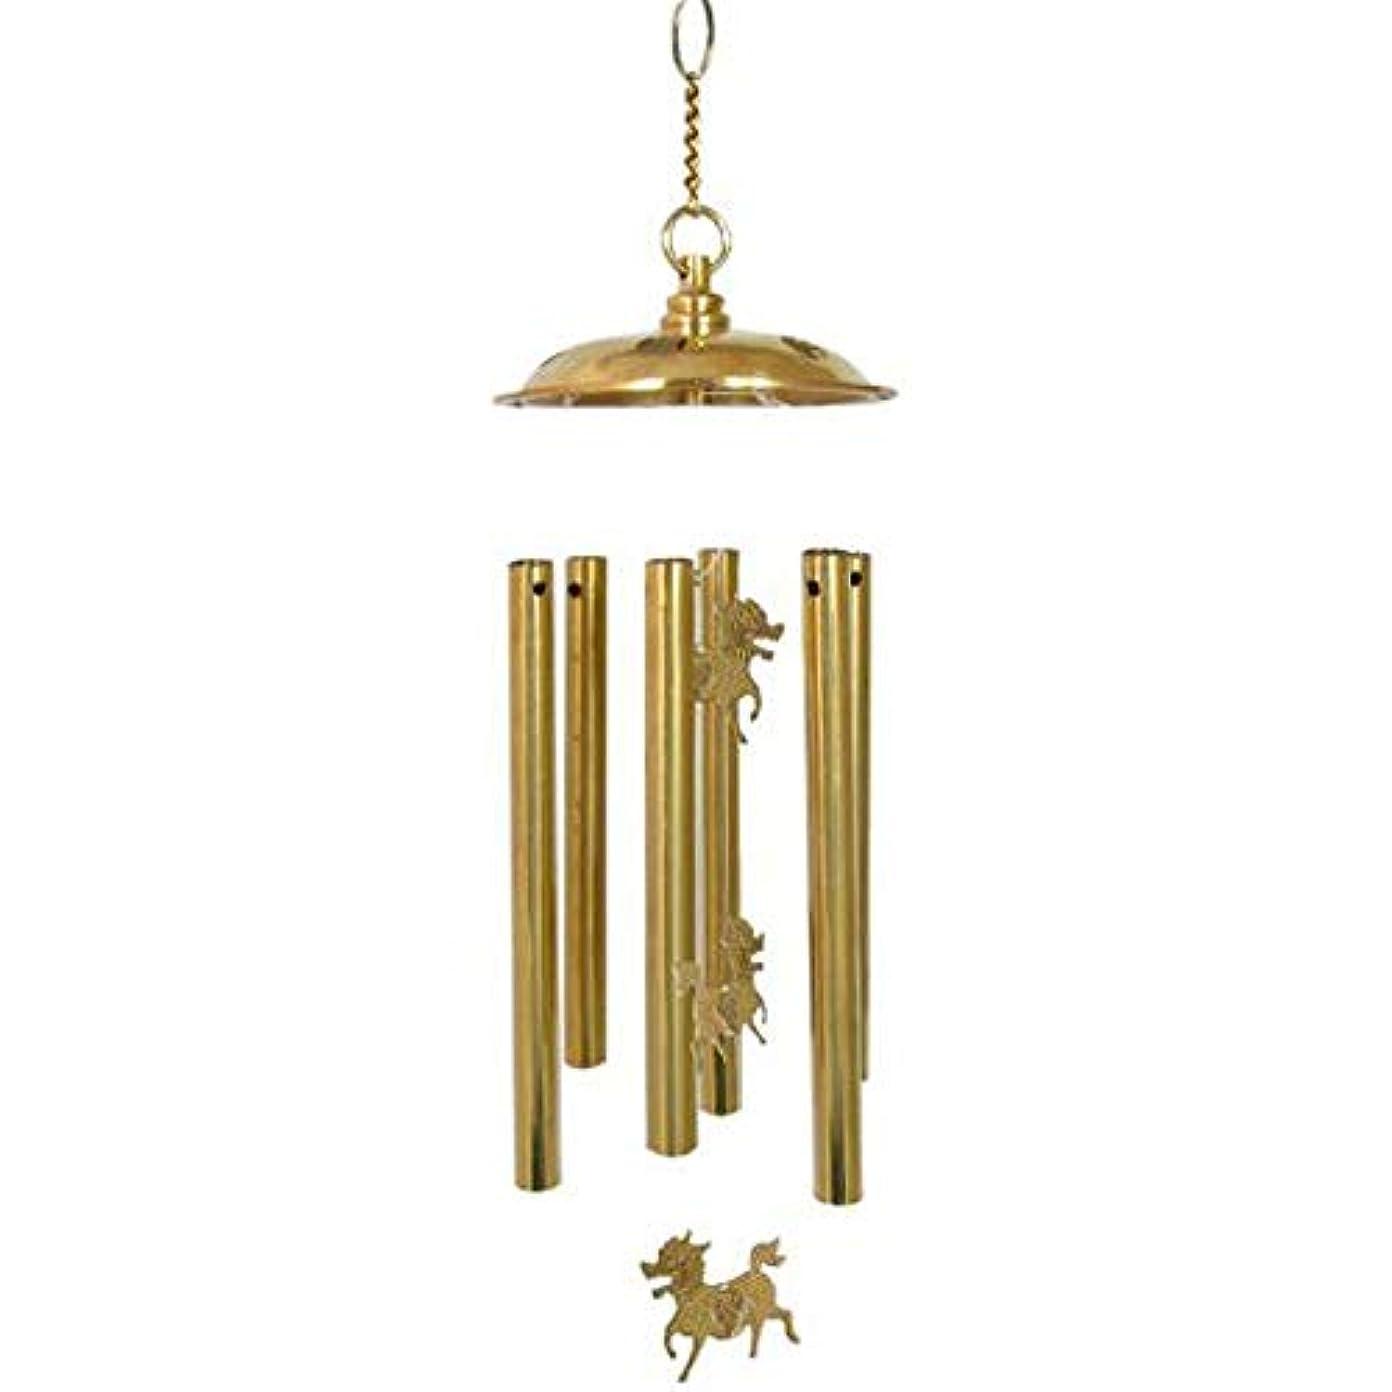 ジュニア眠り十分Chengjinxiang 風チャイム、ホーム銅風チャイム、ゴールド、全身について48センチメートル,クリエイティブギフト